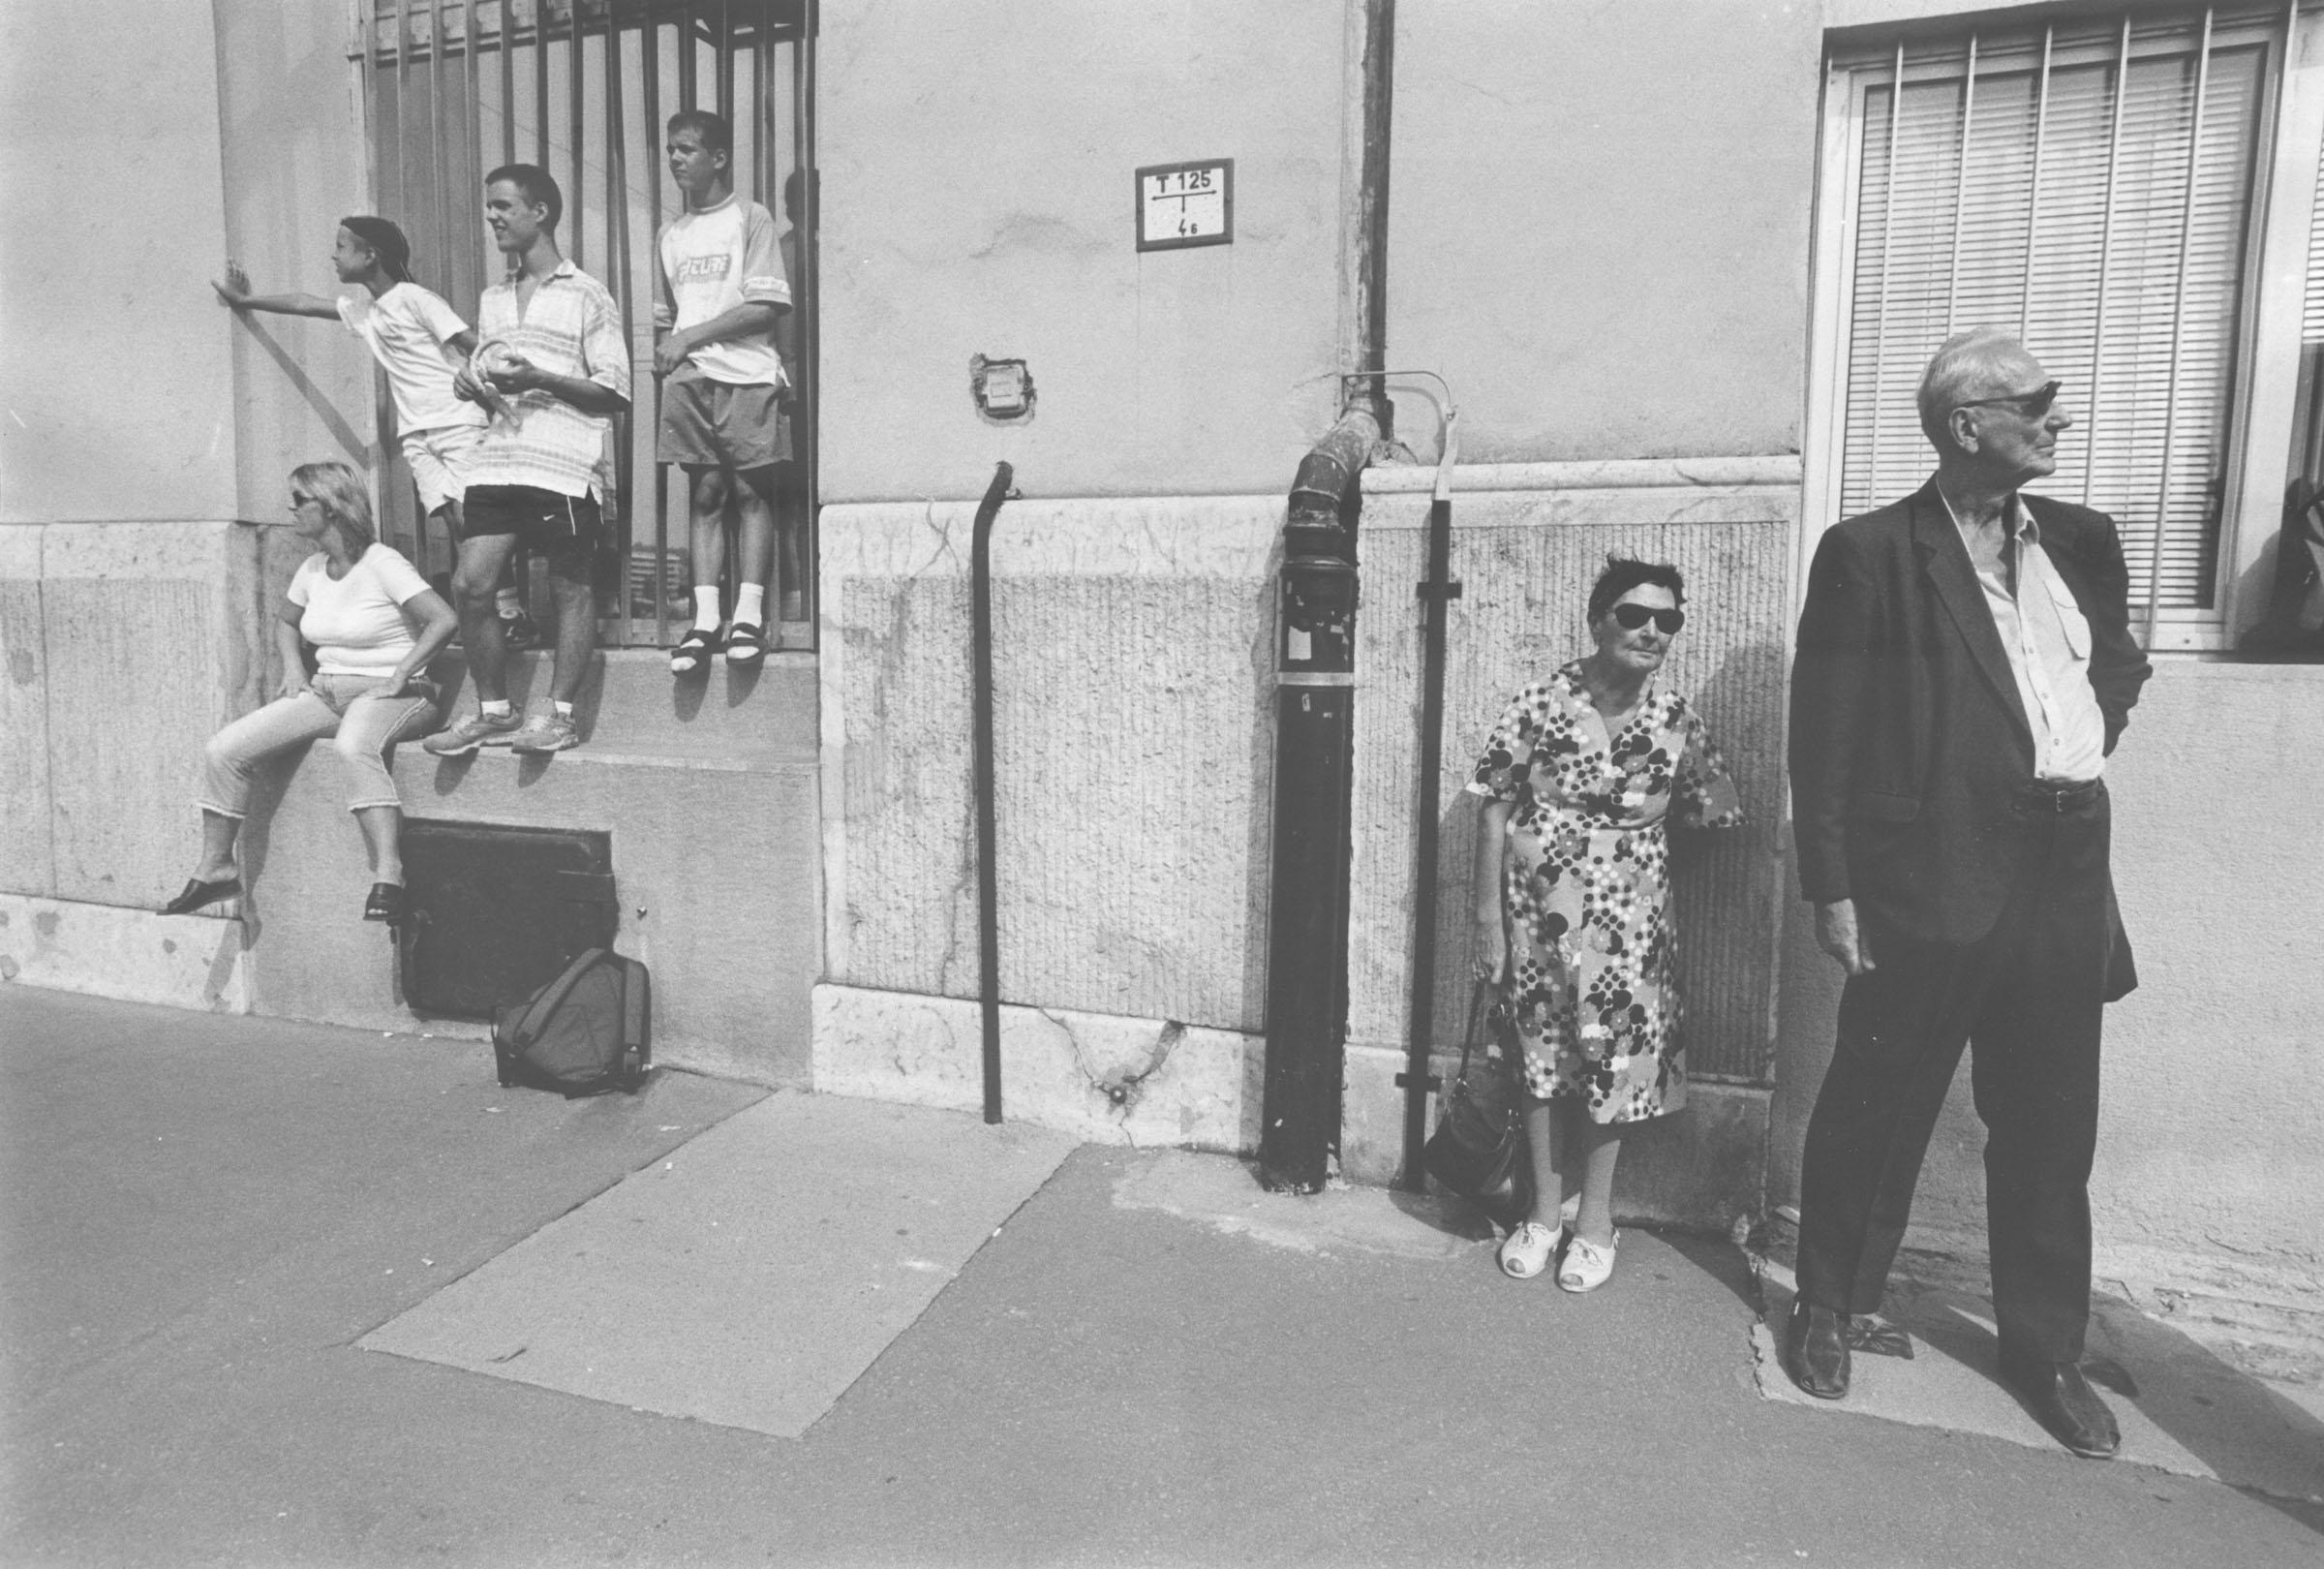 2004.09.18. Hétköznapok fotópályázat - Merjás Georgij - Hétköznapi kontrasztok.jpg